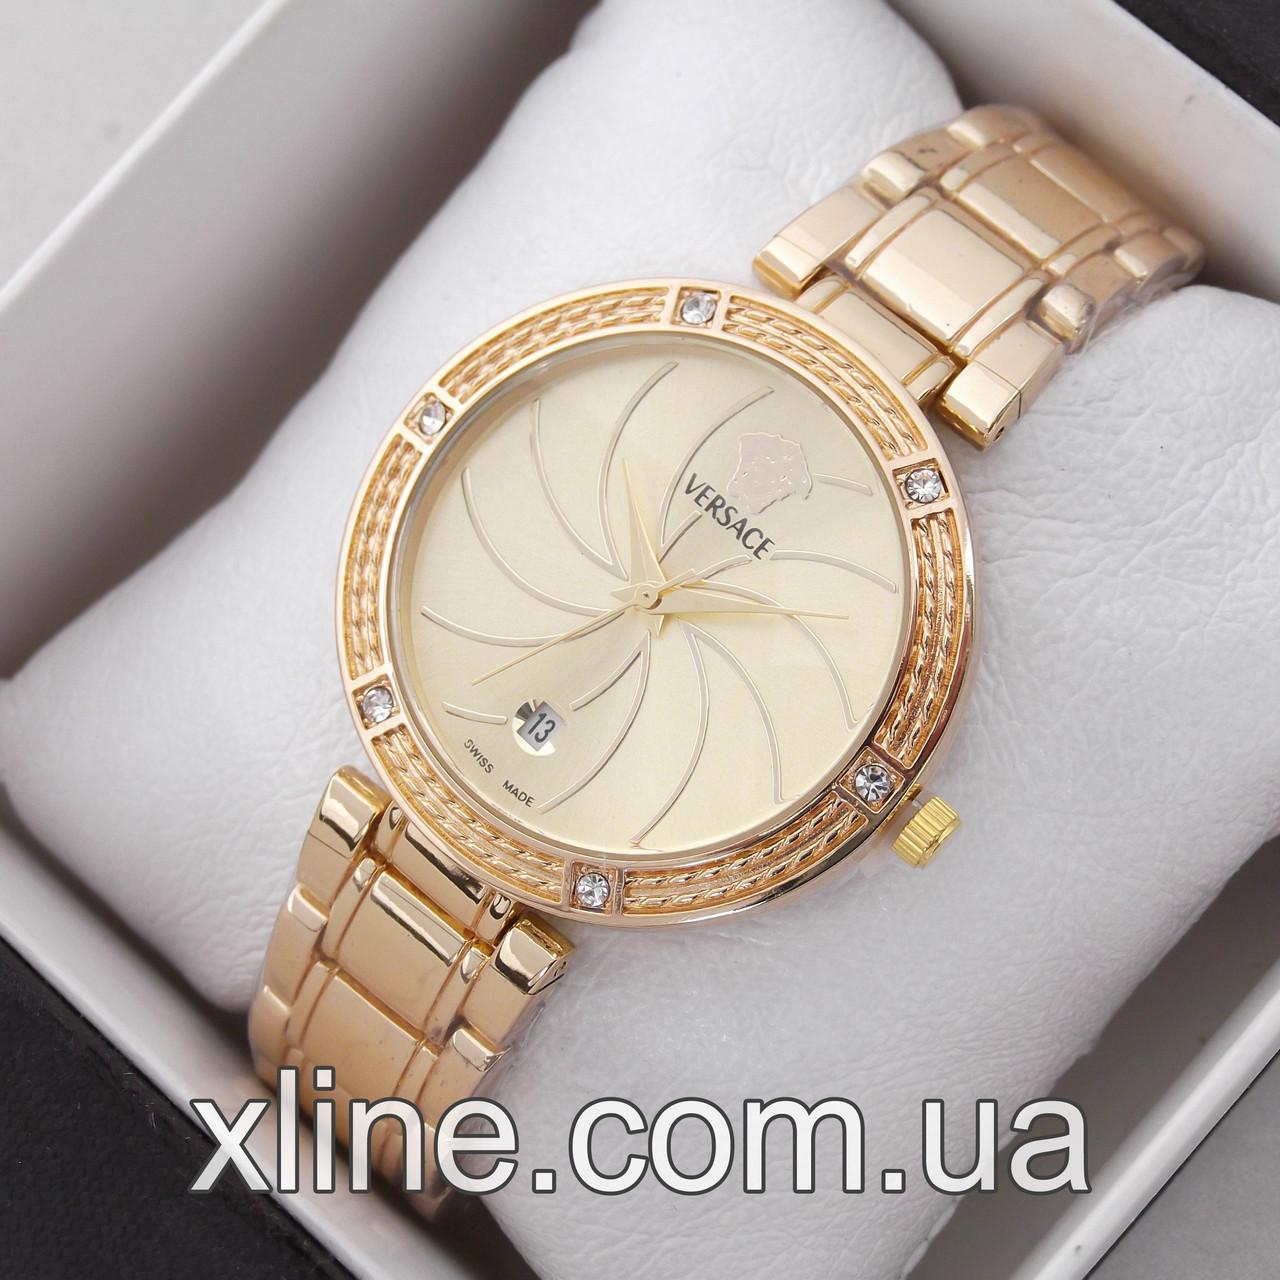 Жіночі наручні годинники Versace C29 на металевому браслеті